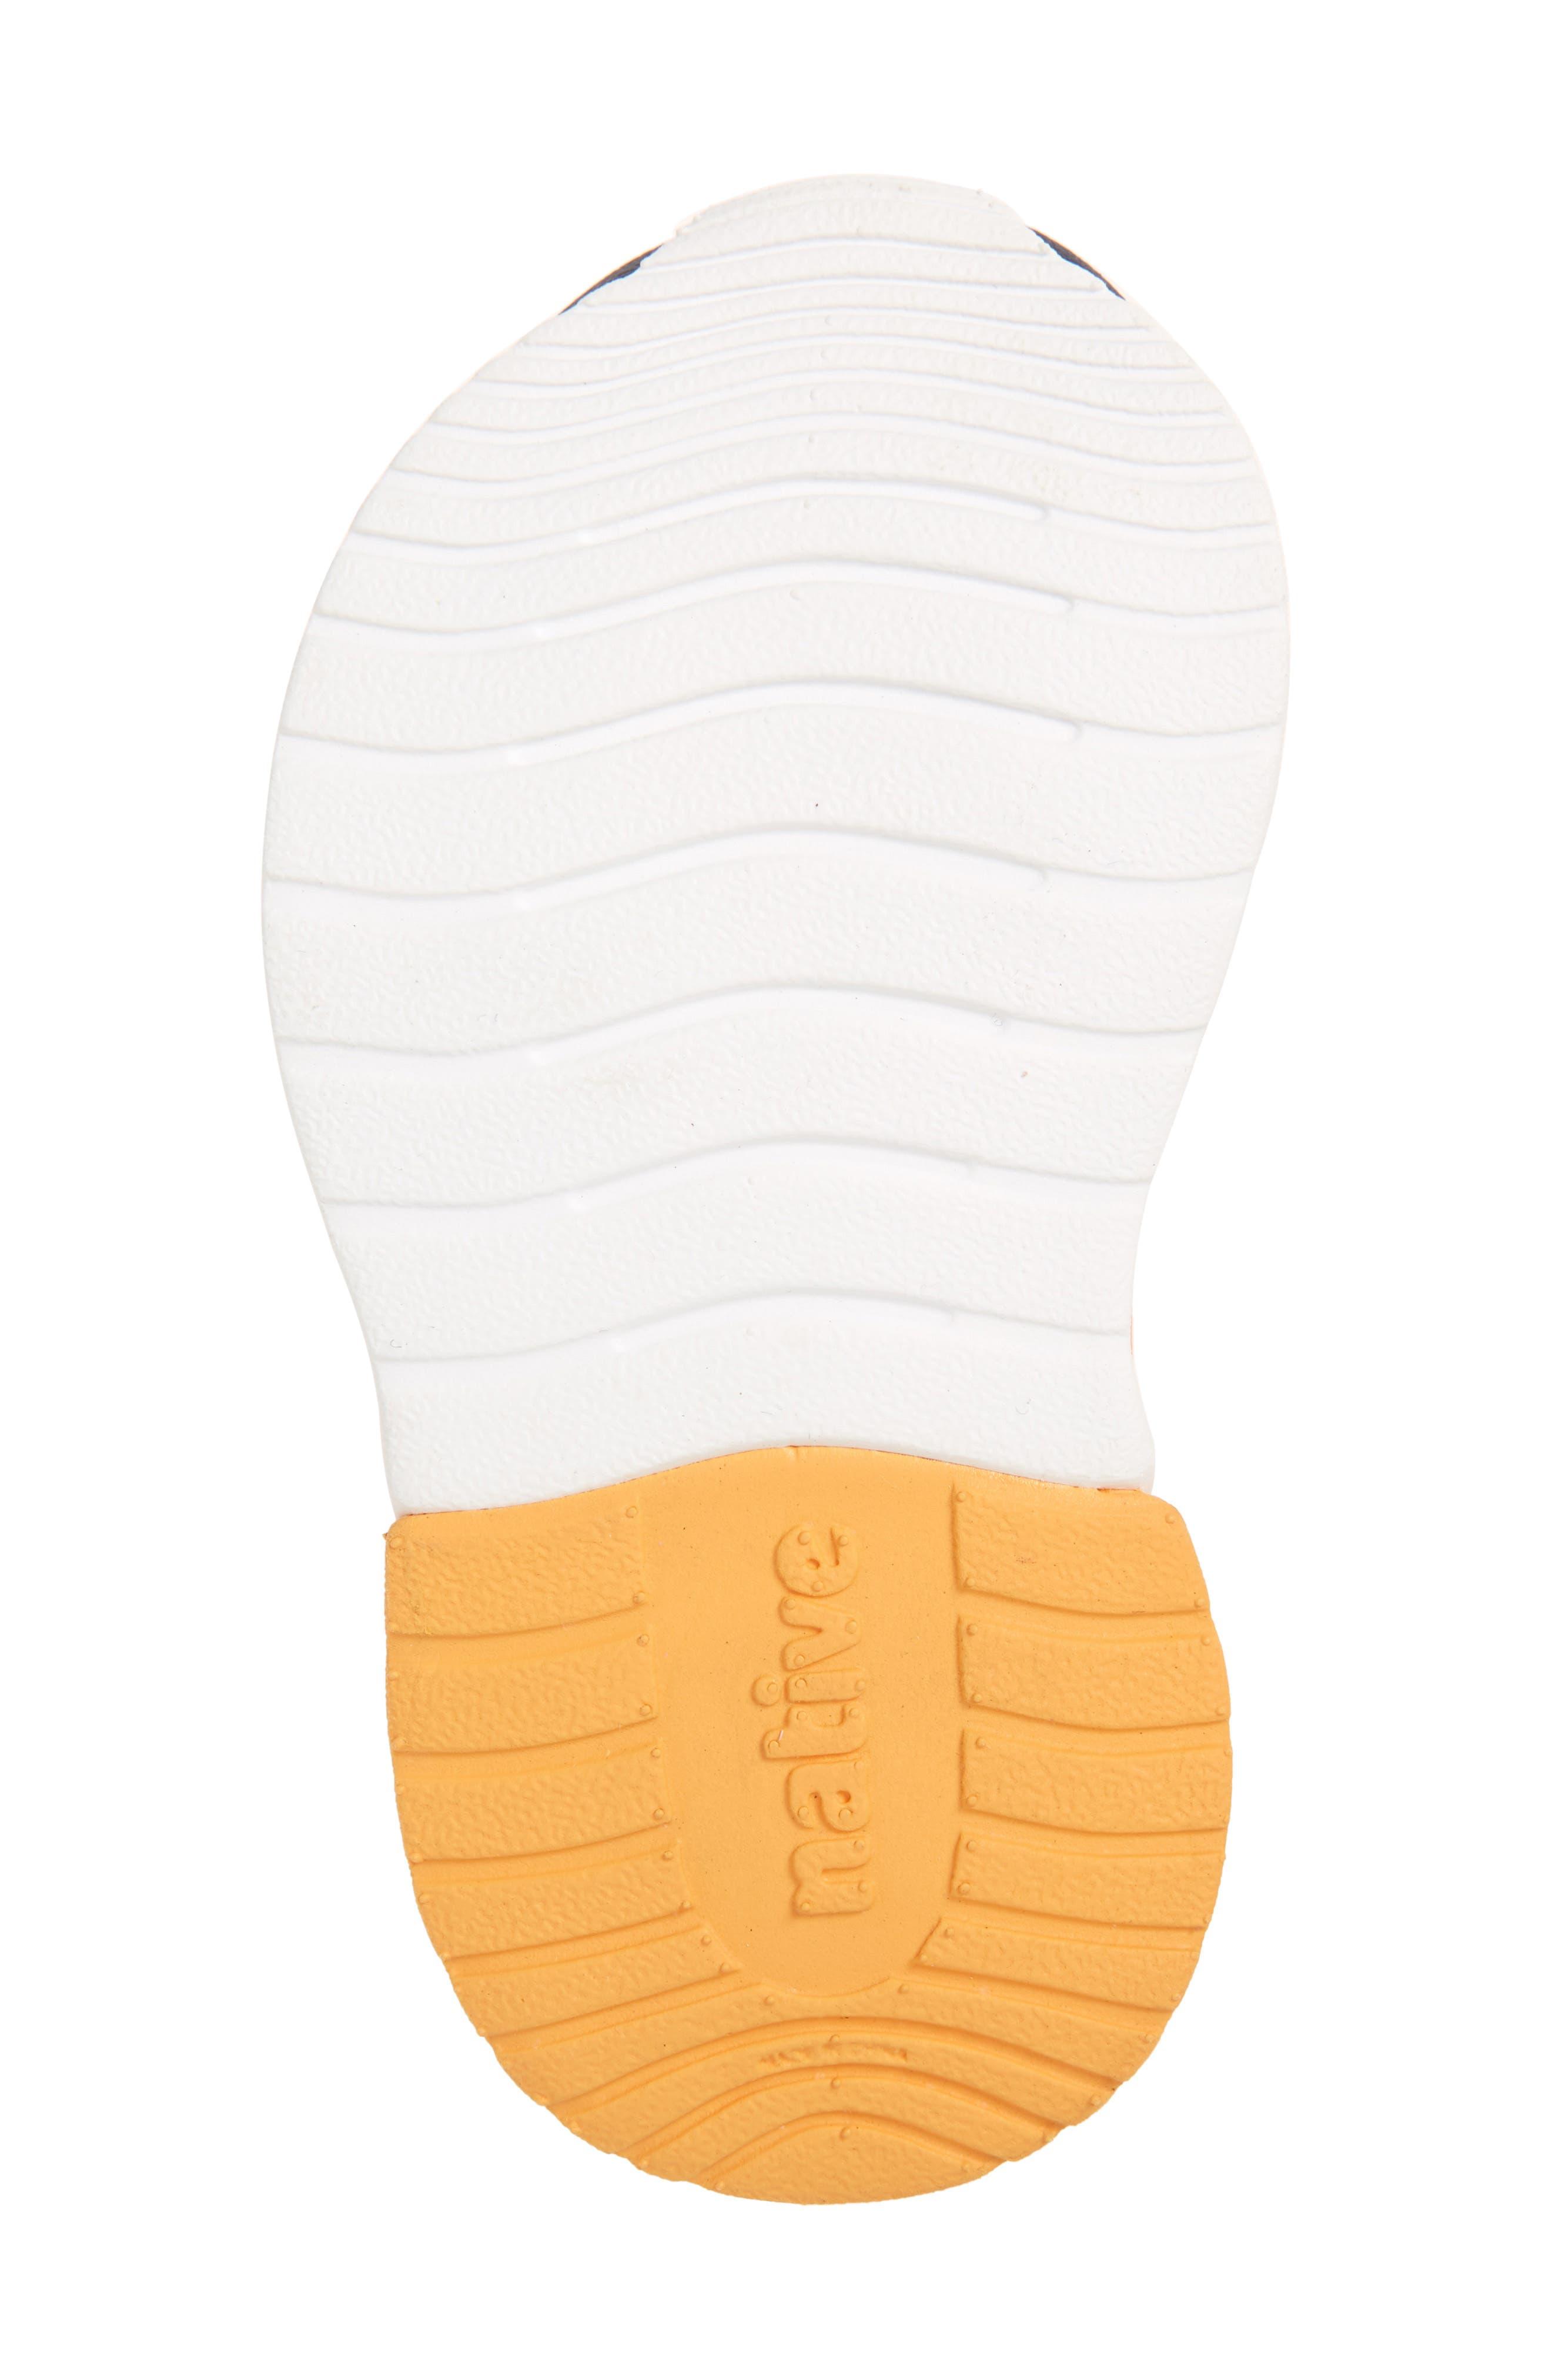 Lennox Block Slip-On Sneaker,                             Alternate thumbnail 6, color,                             Sunset Orange/ White/ Blue